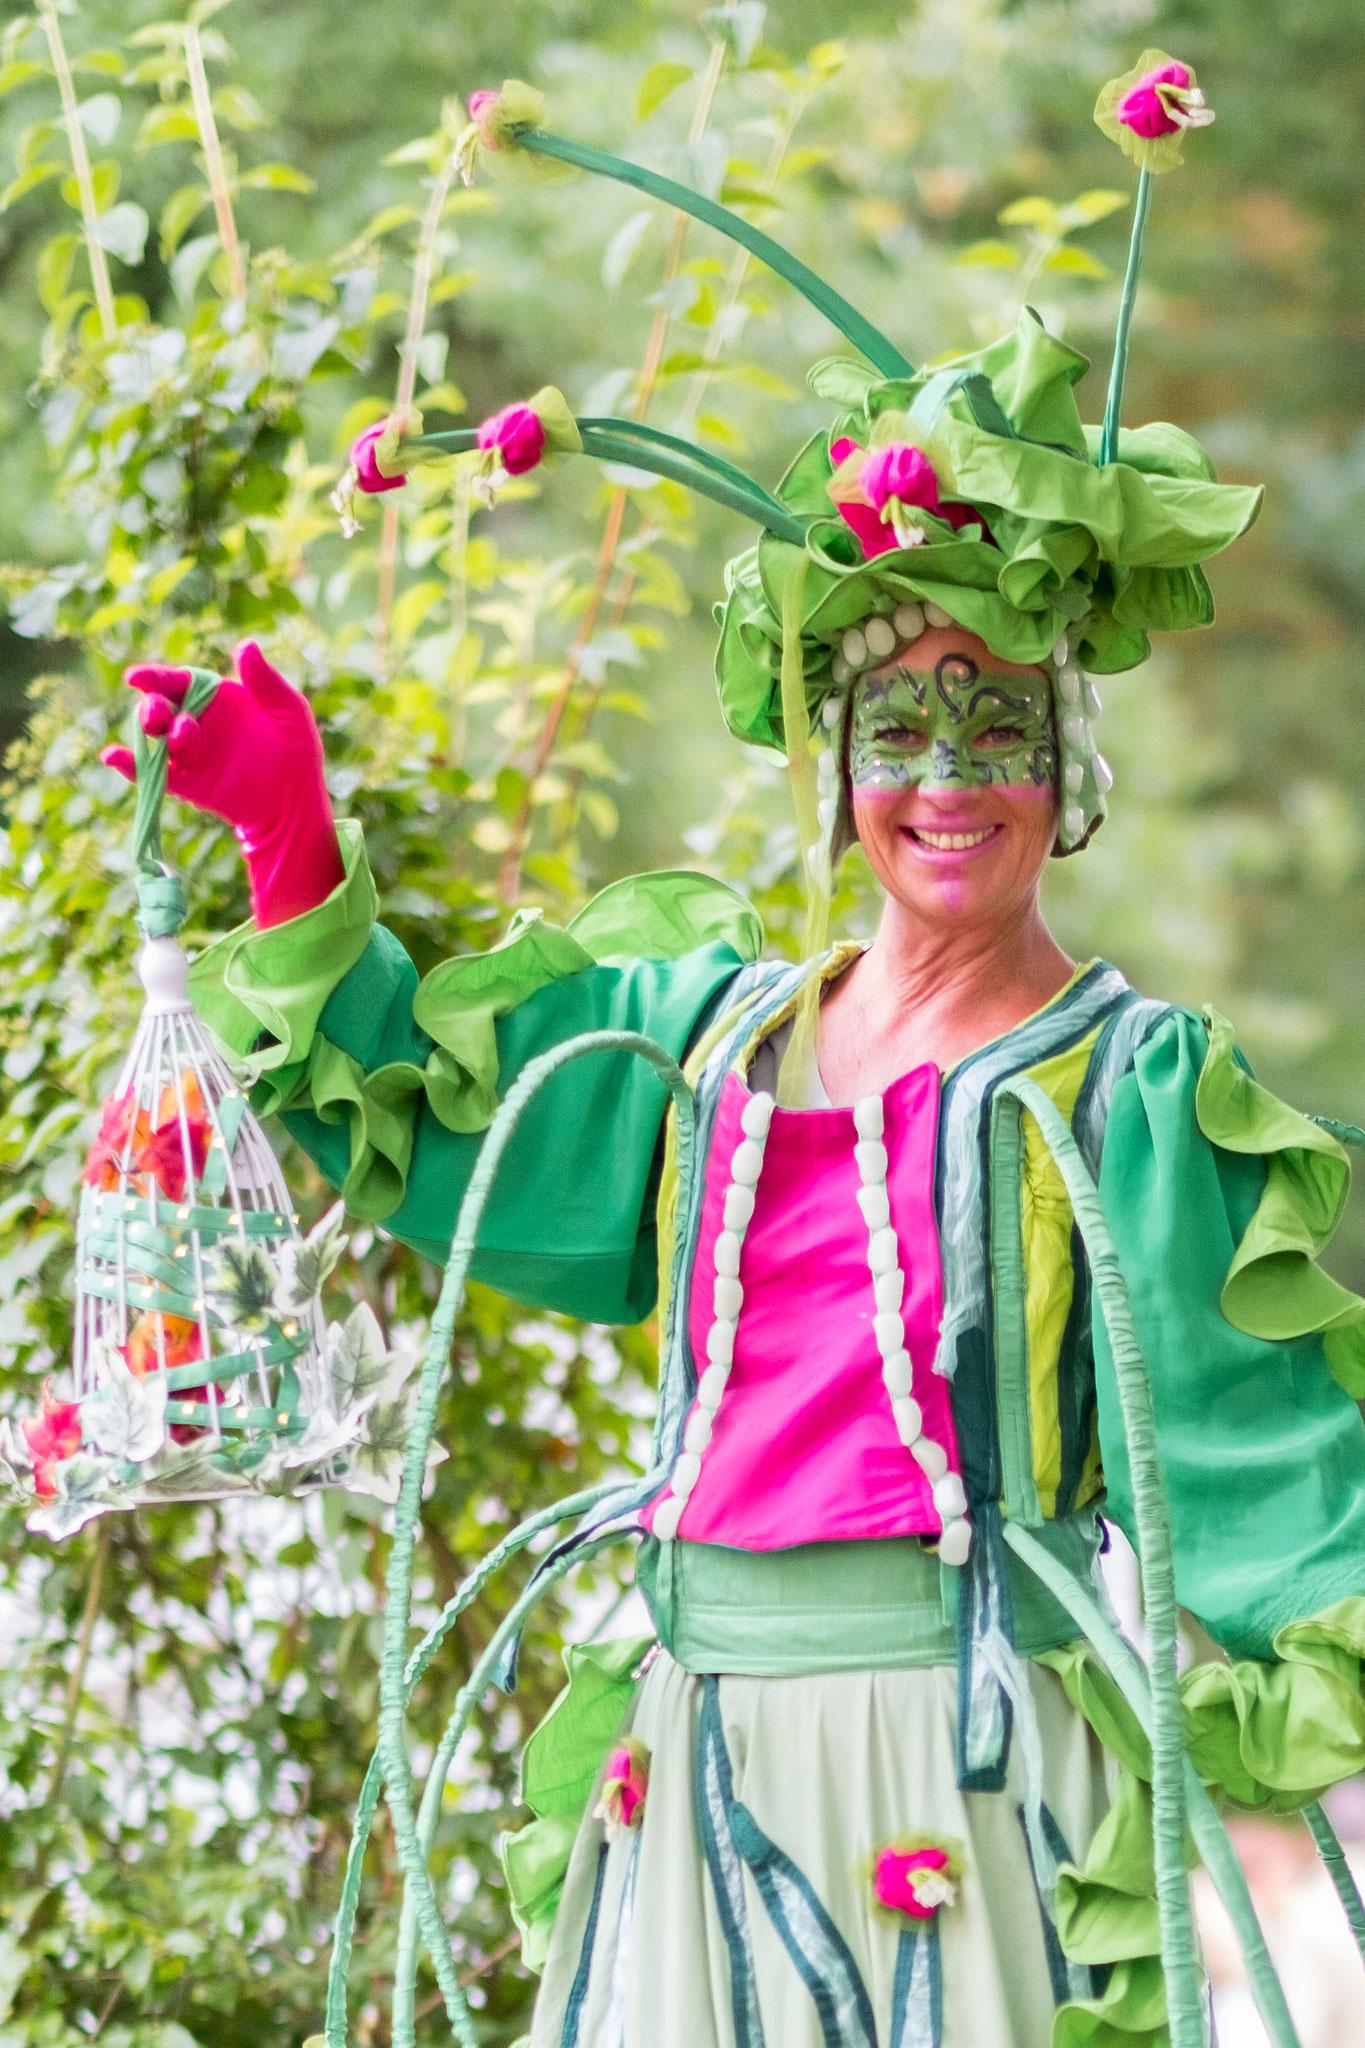 Frühlingserwachen-Garten und Blumen Veranstaltungen, Messen und vieles mehr-das Highlight